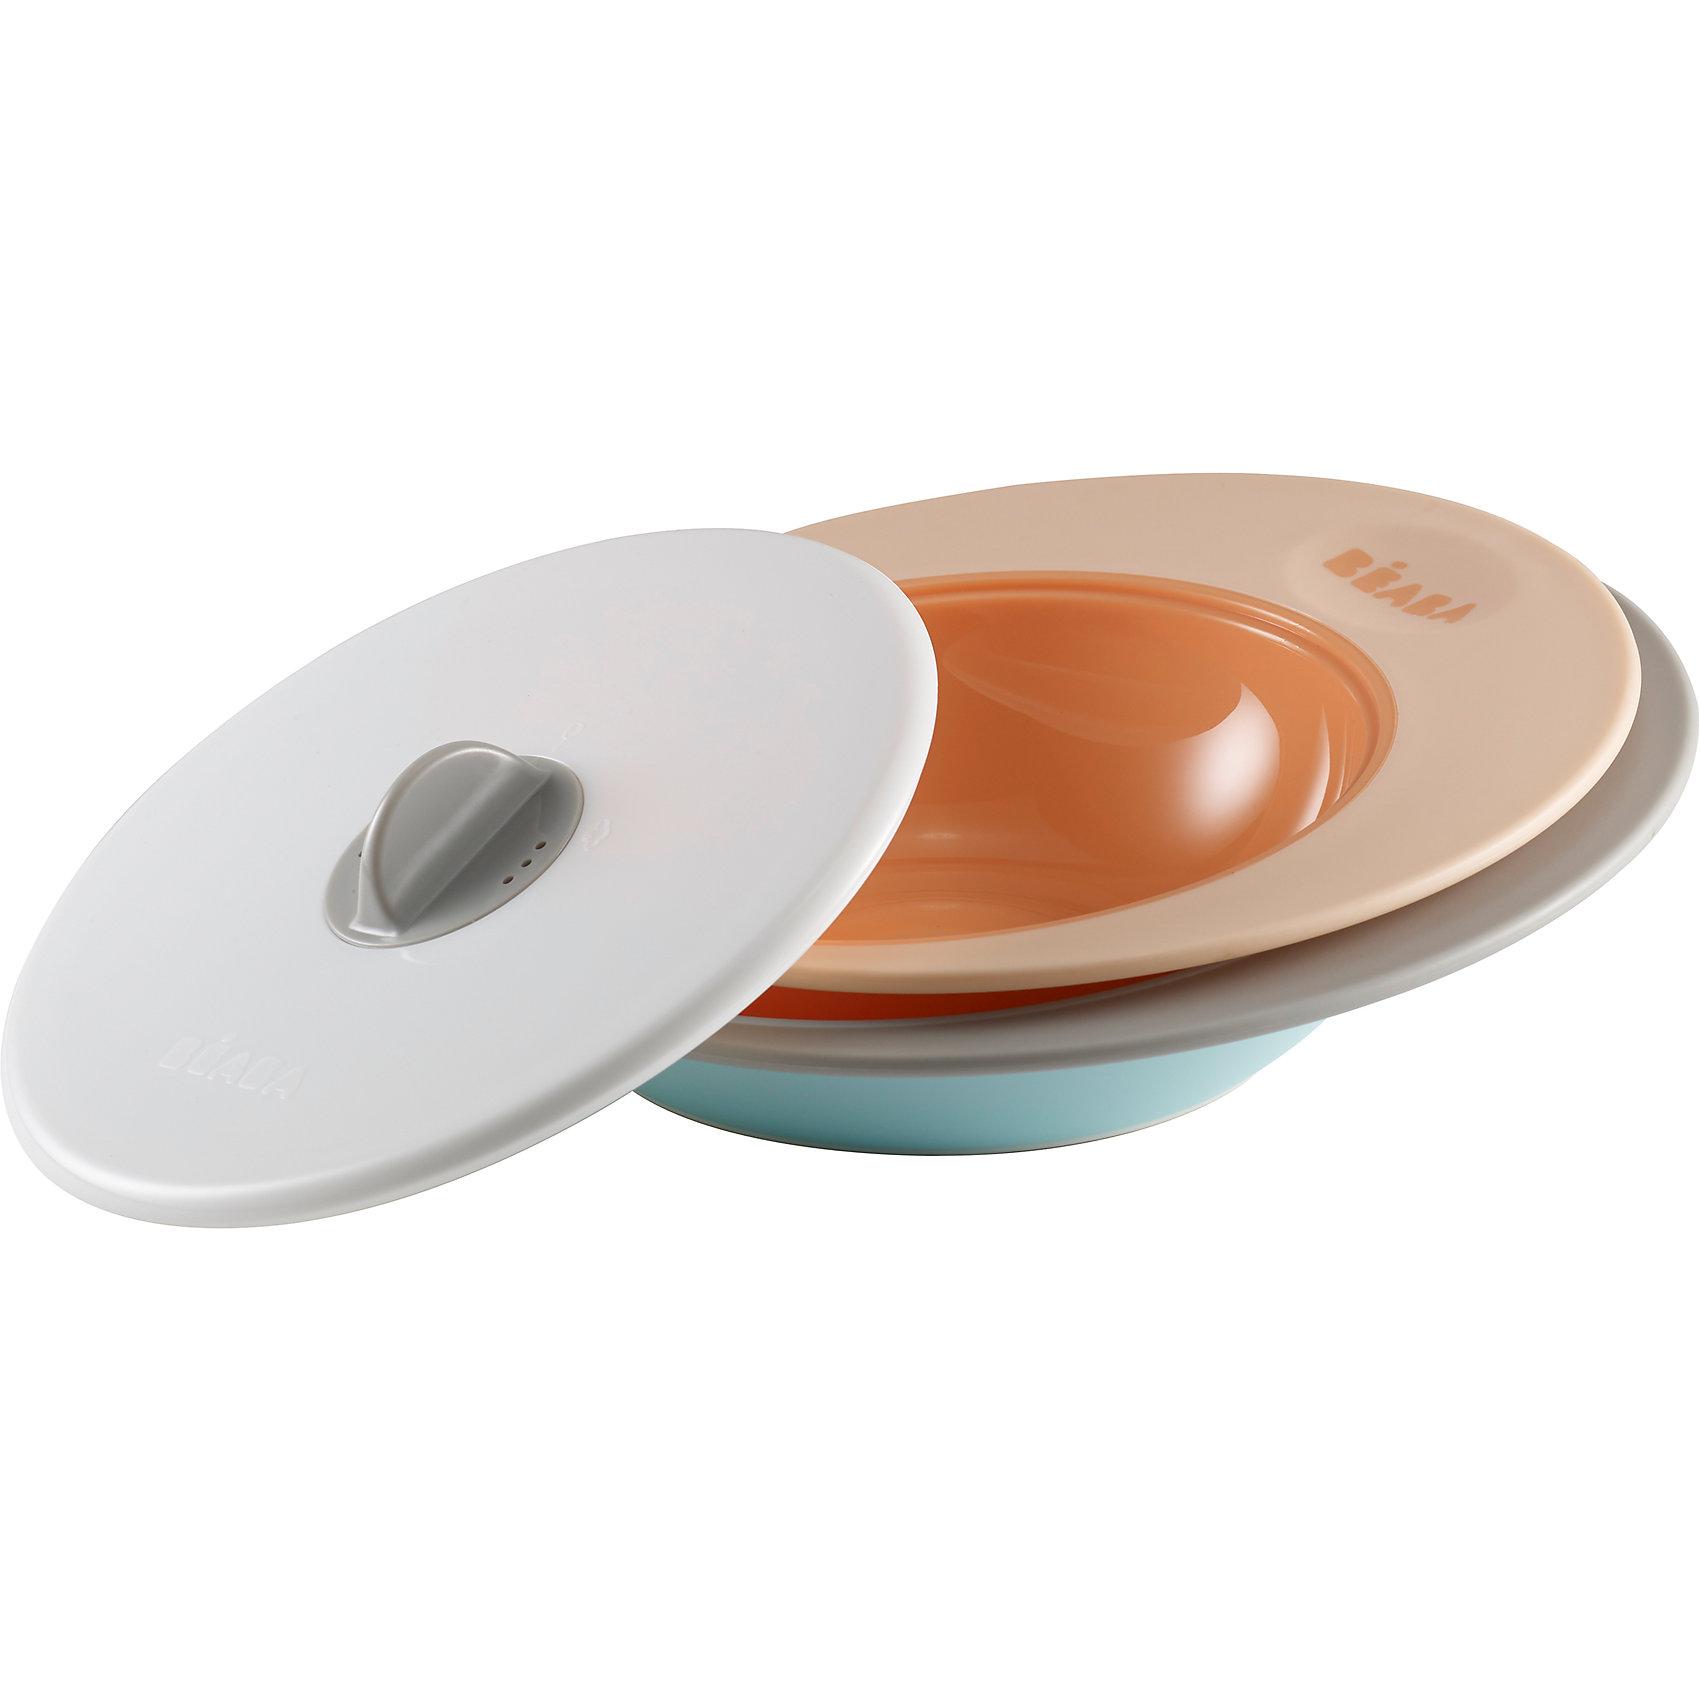 Набор тарелок ELLIPSE, Beaba, бежевыйПосуда для малышей<br>Набор тарелок ELLIPSE, Beaba (Беаба), бежевый<br><br>Характеристики:<br><br>• два положения крышки: для микроволновой печи и для сохранения тепла<br>• прорезиненное основание<br>• широкие края<br>• выгнутое дно<br>• объем маленькой тарелки: 210 мл<br>• объем большой тарелки: 300 мл<br>• подходят для посудомоечной машины и микроволновой печи<br>• материал: пластик<br>• размер упаковки: 22х22х8 см<br>• вес: 500 грамм<br>• цвет: бежевый<br><br>Тарелки ELLIPSE подходят для первого прикорма и самостоятельного приема пищи. В комплект входят две тарелки (210 и 300 мл) и крышка. Крышка имеет два положения. Одно предназначено для разогрева в микроволновой печи, а второе для сохранения температуры. Широкие края тарелок позволяют легко перемешать содержимое. А выгнутое дно поможет правильно распределить пищу. Тарелки подходят для использования в микроволновой печи и посудомоечной машине.<br><br>Набор тарелок ELLIPSE, Beaba (Беаба), бежевый можно купить в нашем интернет-магазине.<br><br>Ширина мм: 205<br>Глубина мм: 66<br>Высота мм: 240<br>Вес г: 370<br>Возраст от месяцев: 4<br>Возраст до месяцев: 2147483647<br>Пол: Унисекс<br>Возраст: Детский<br>SKU: 5445727